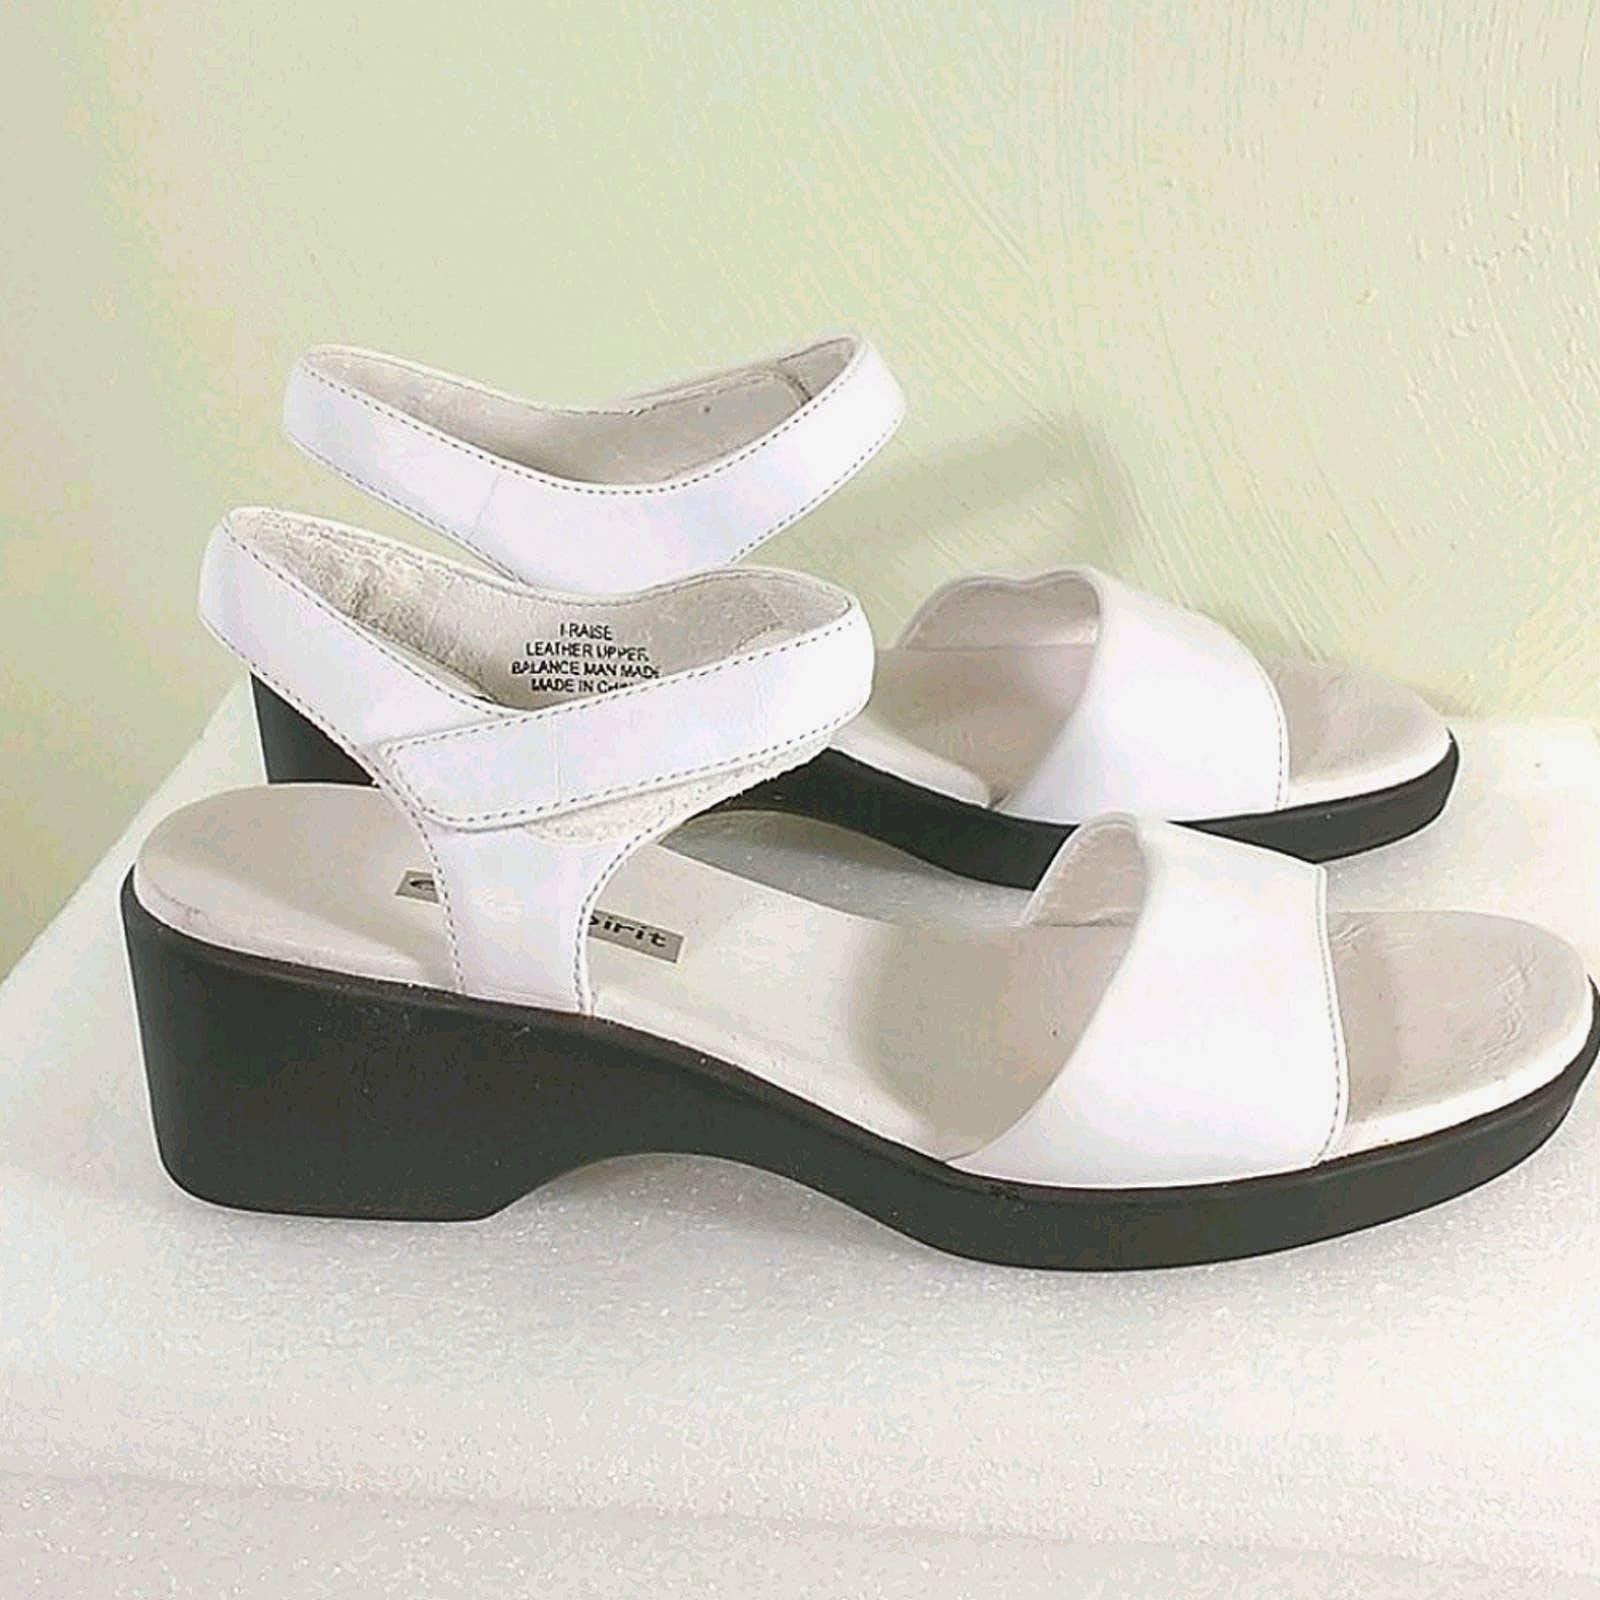 Easy spirit, women's sandals. White, 9.